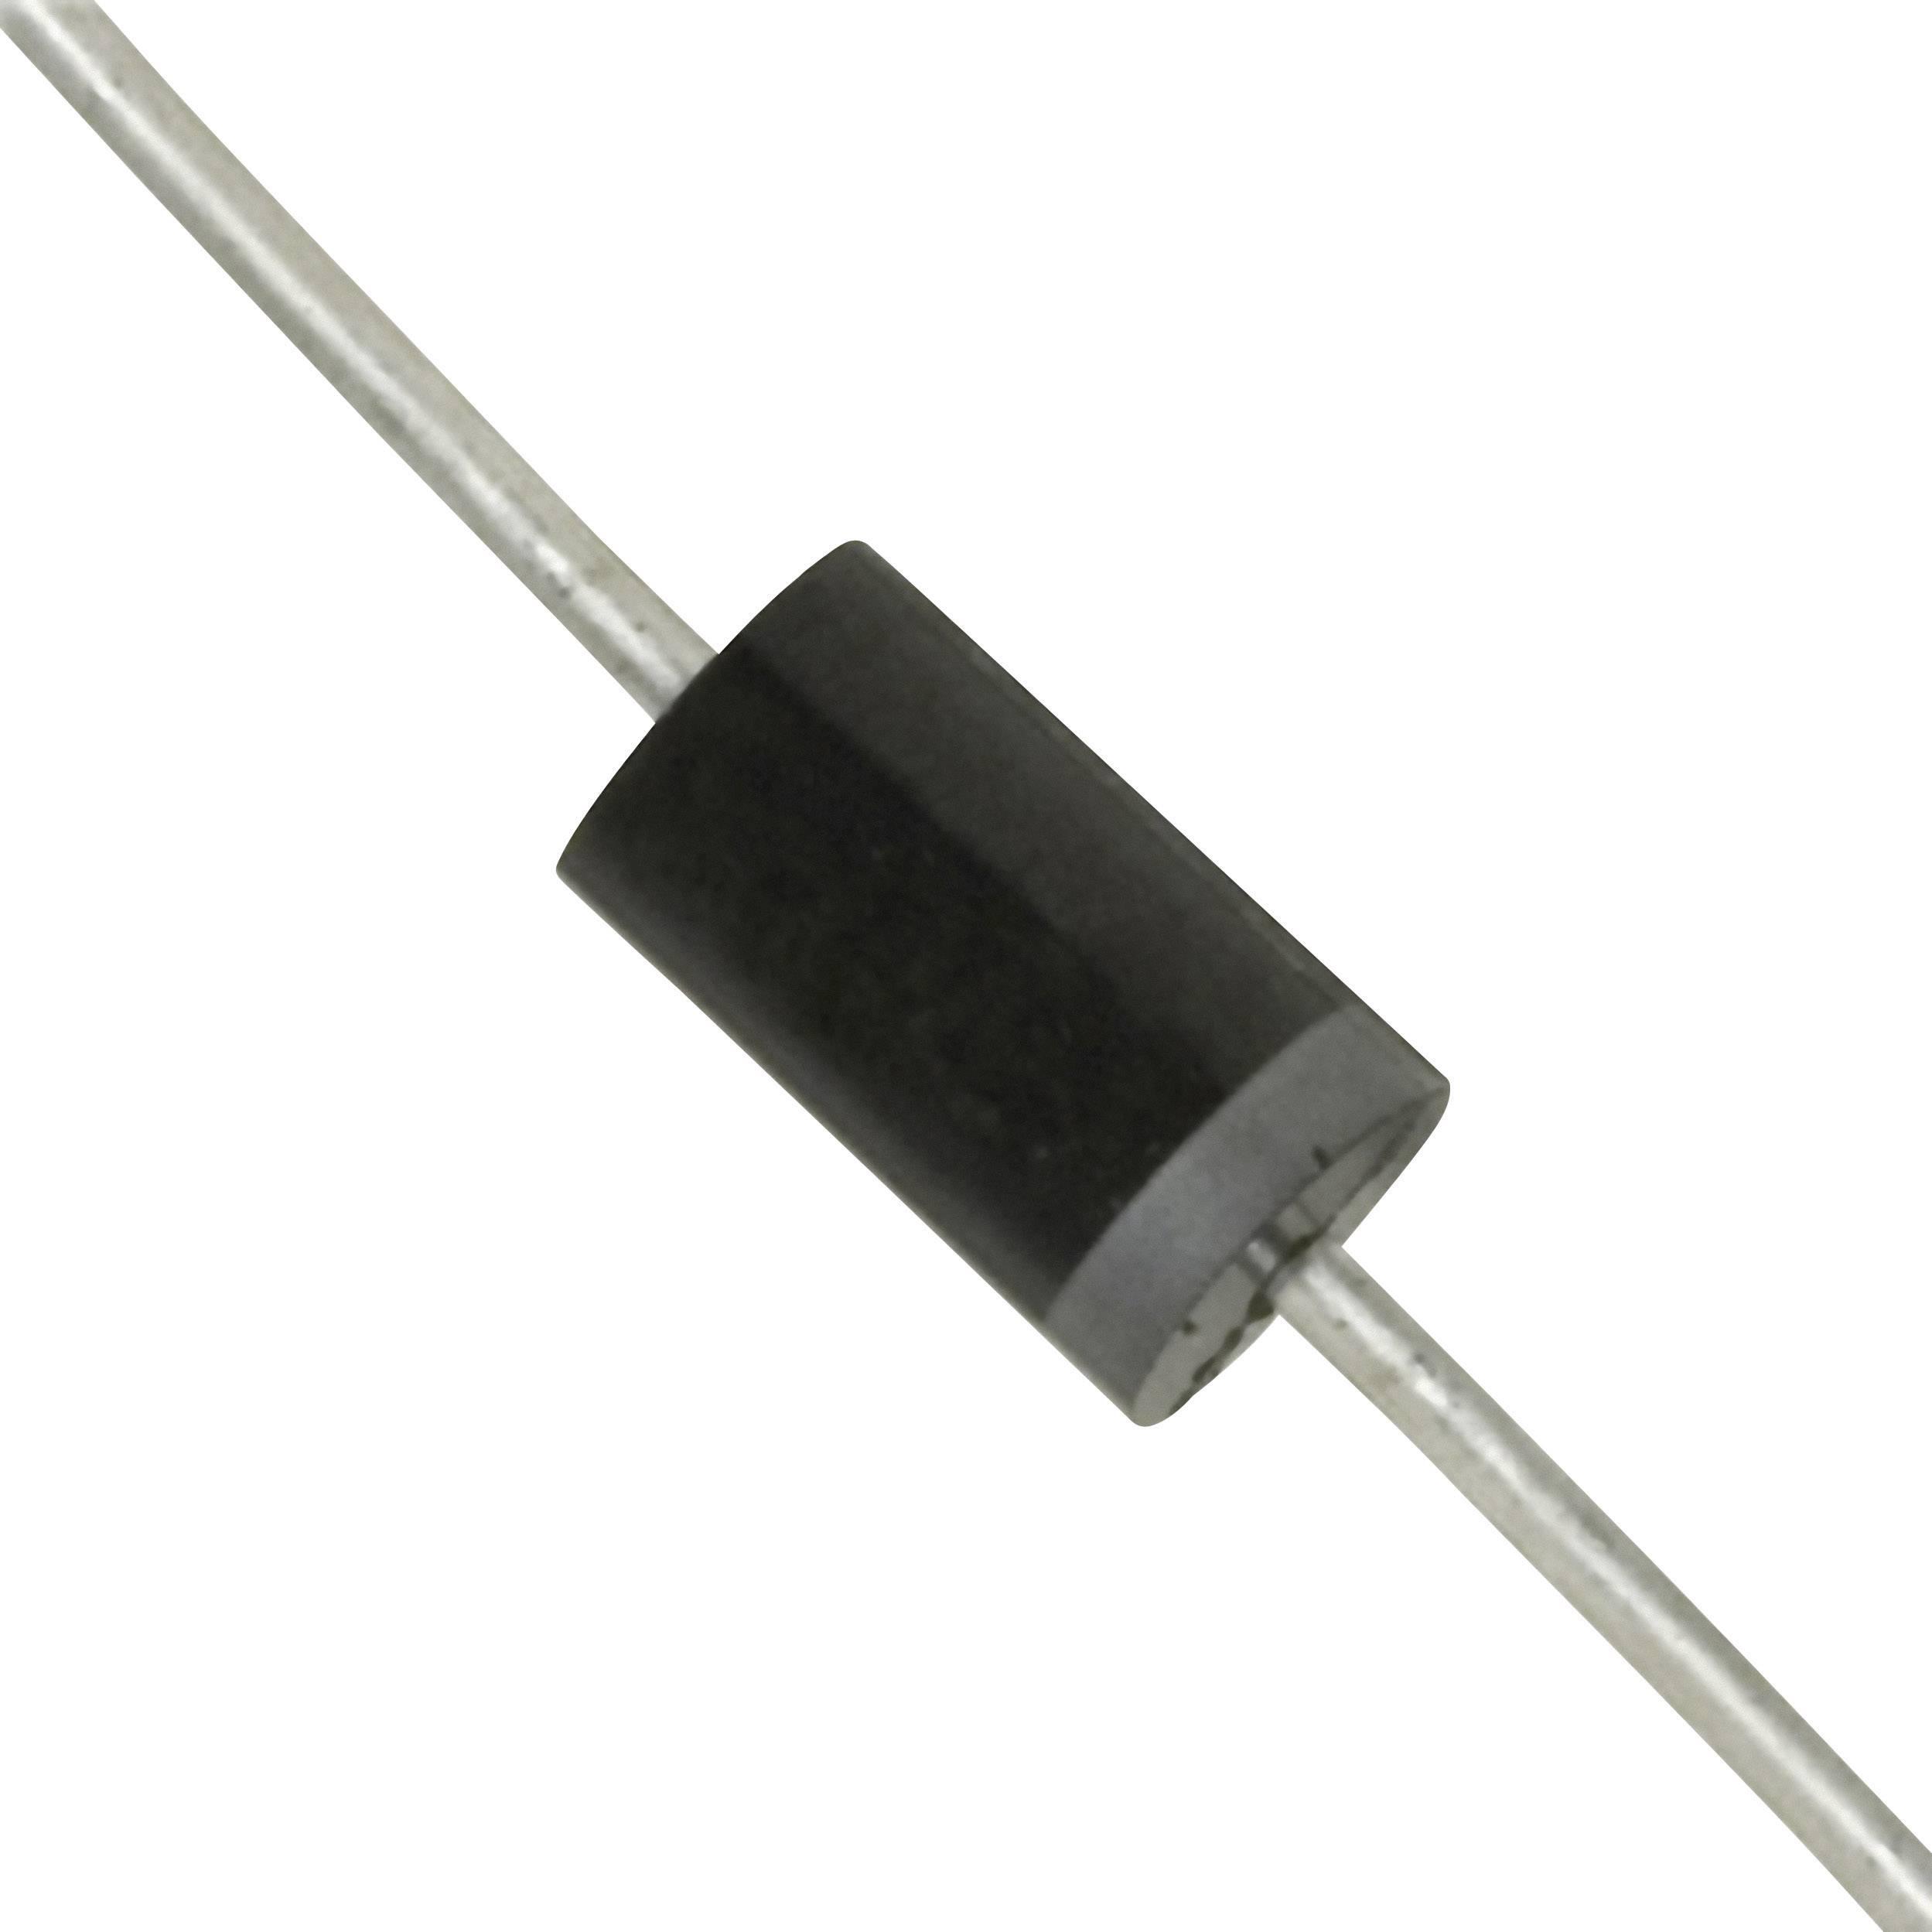 Dióda Z Diotec ZPD5.6, DO-35, zener. napätie 5.6 V